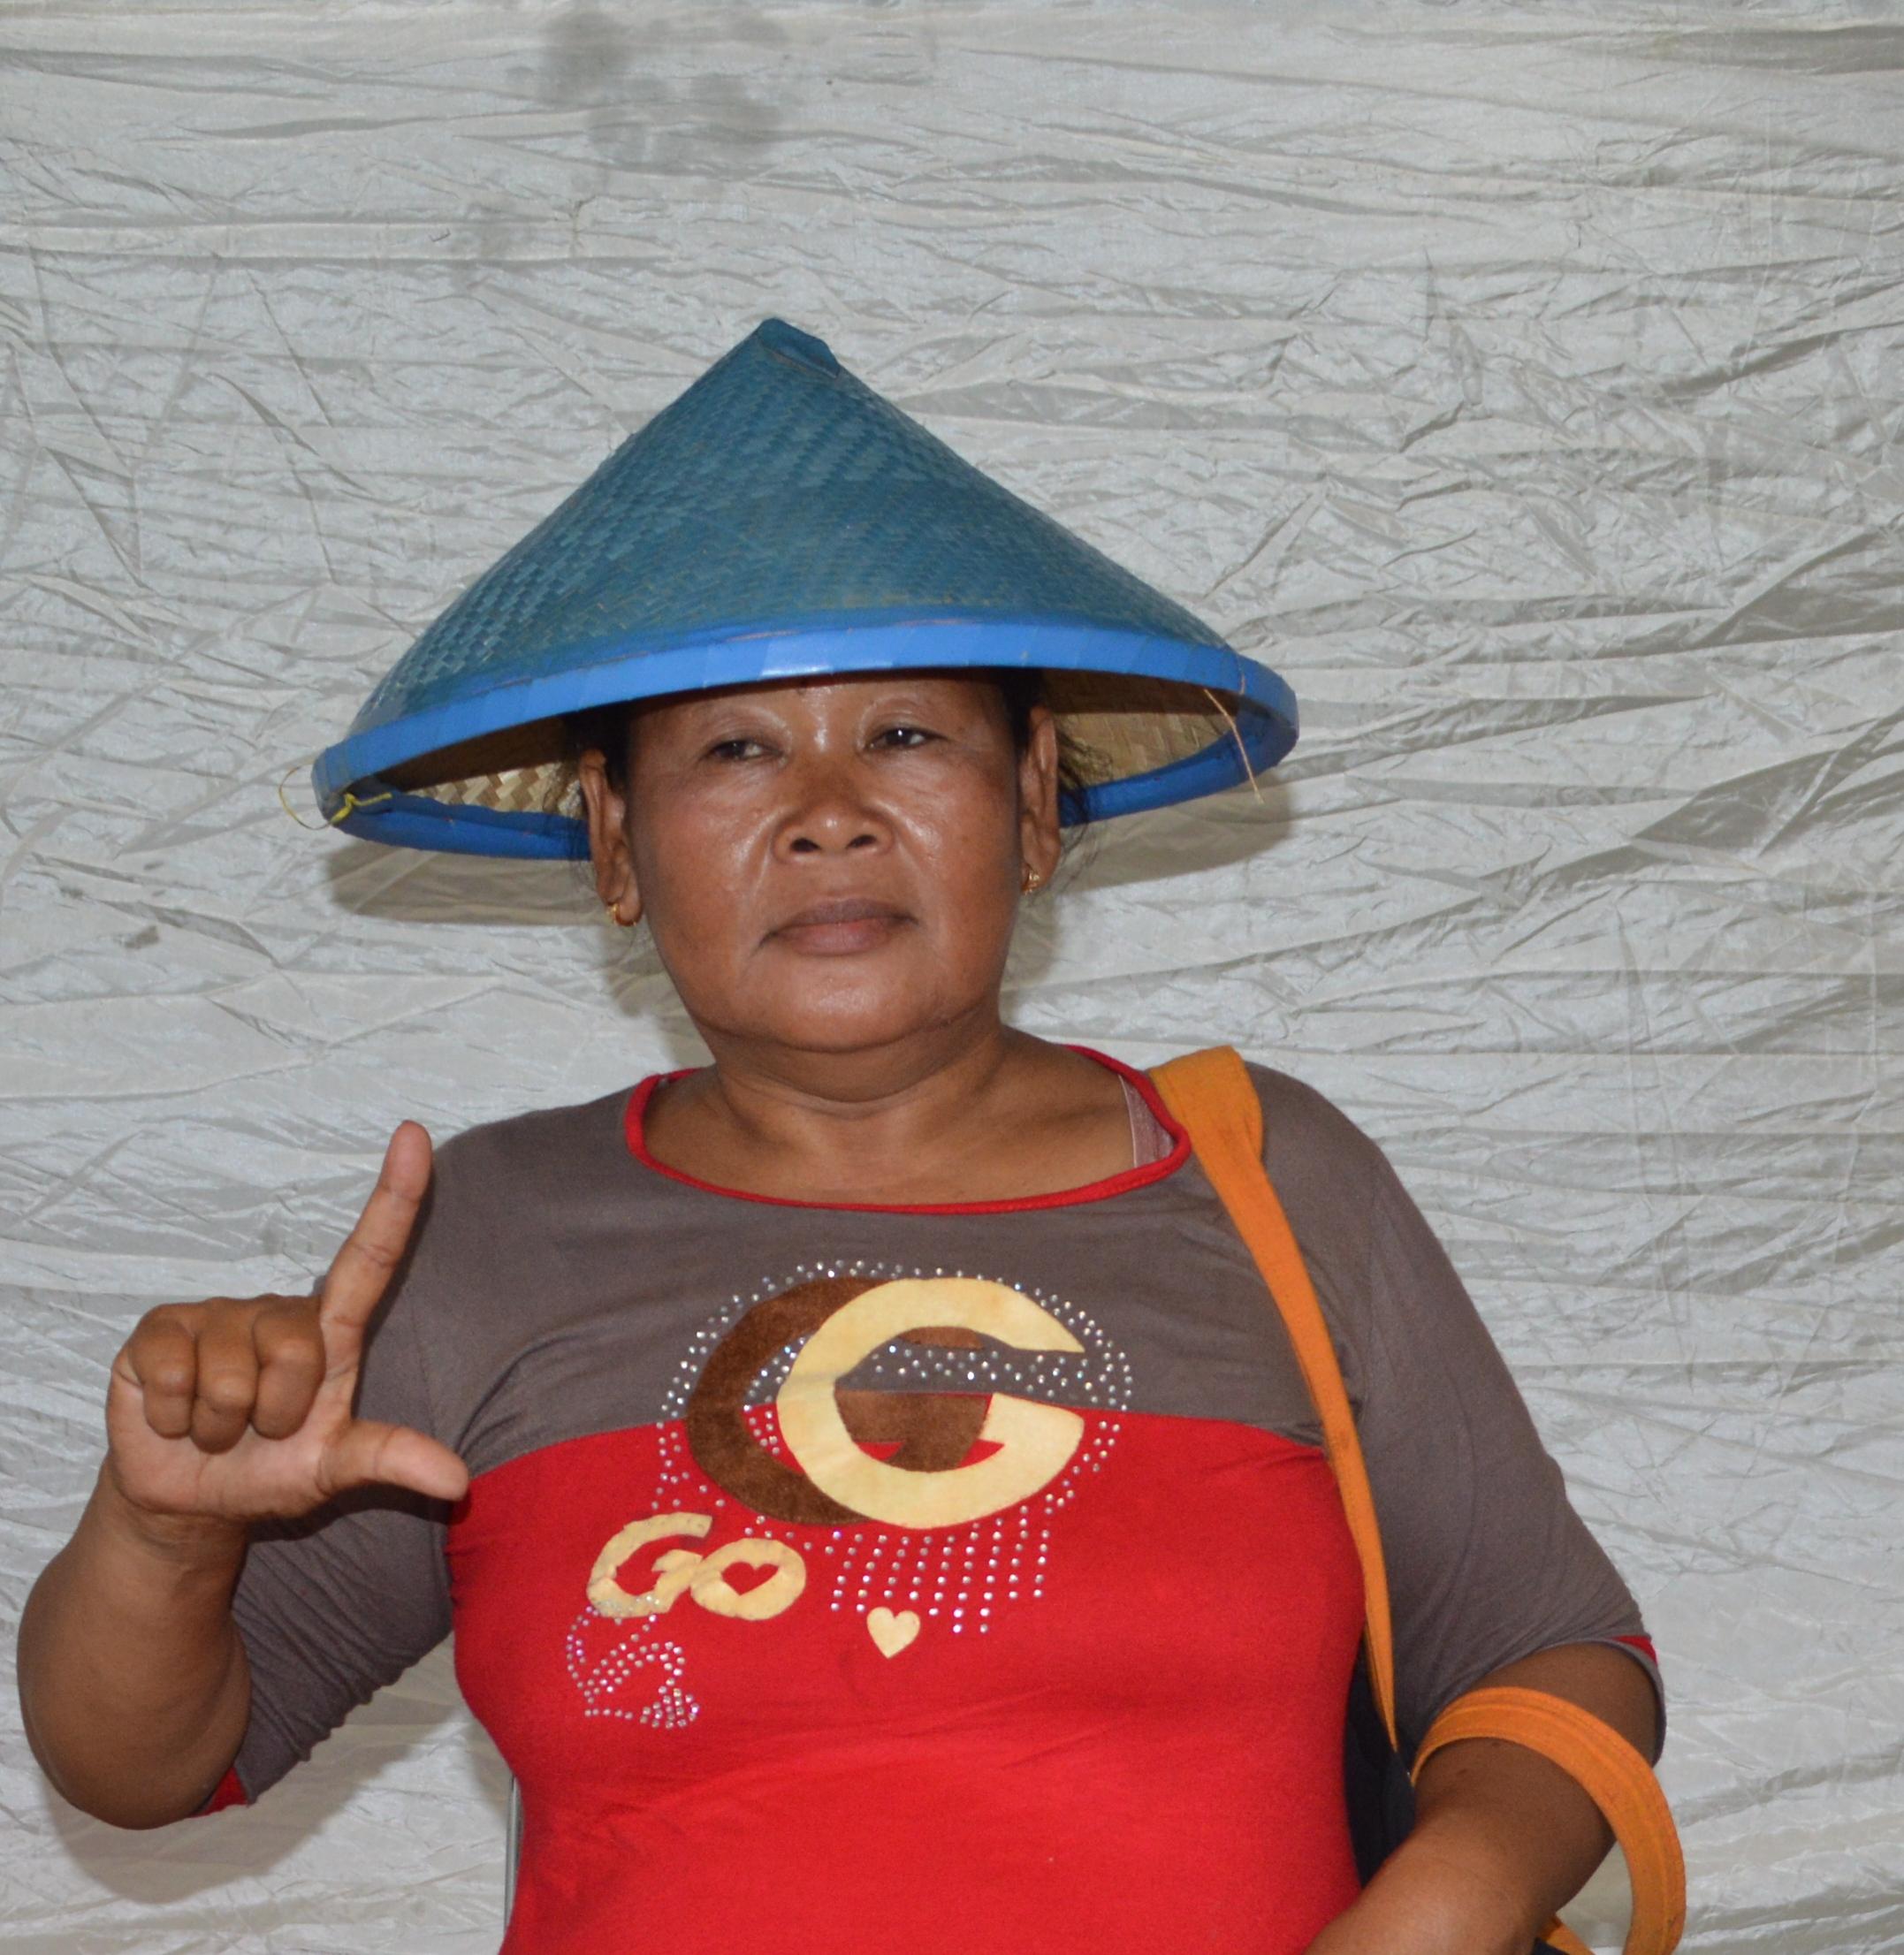 Kertas Kebijakan Perempuan Nelayan